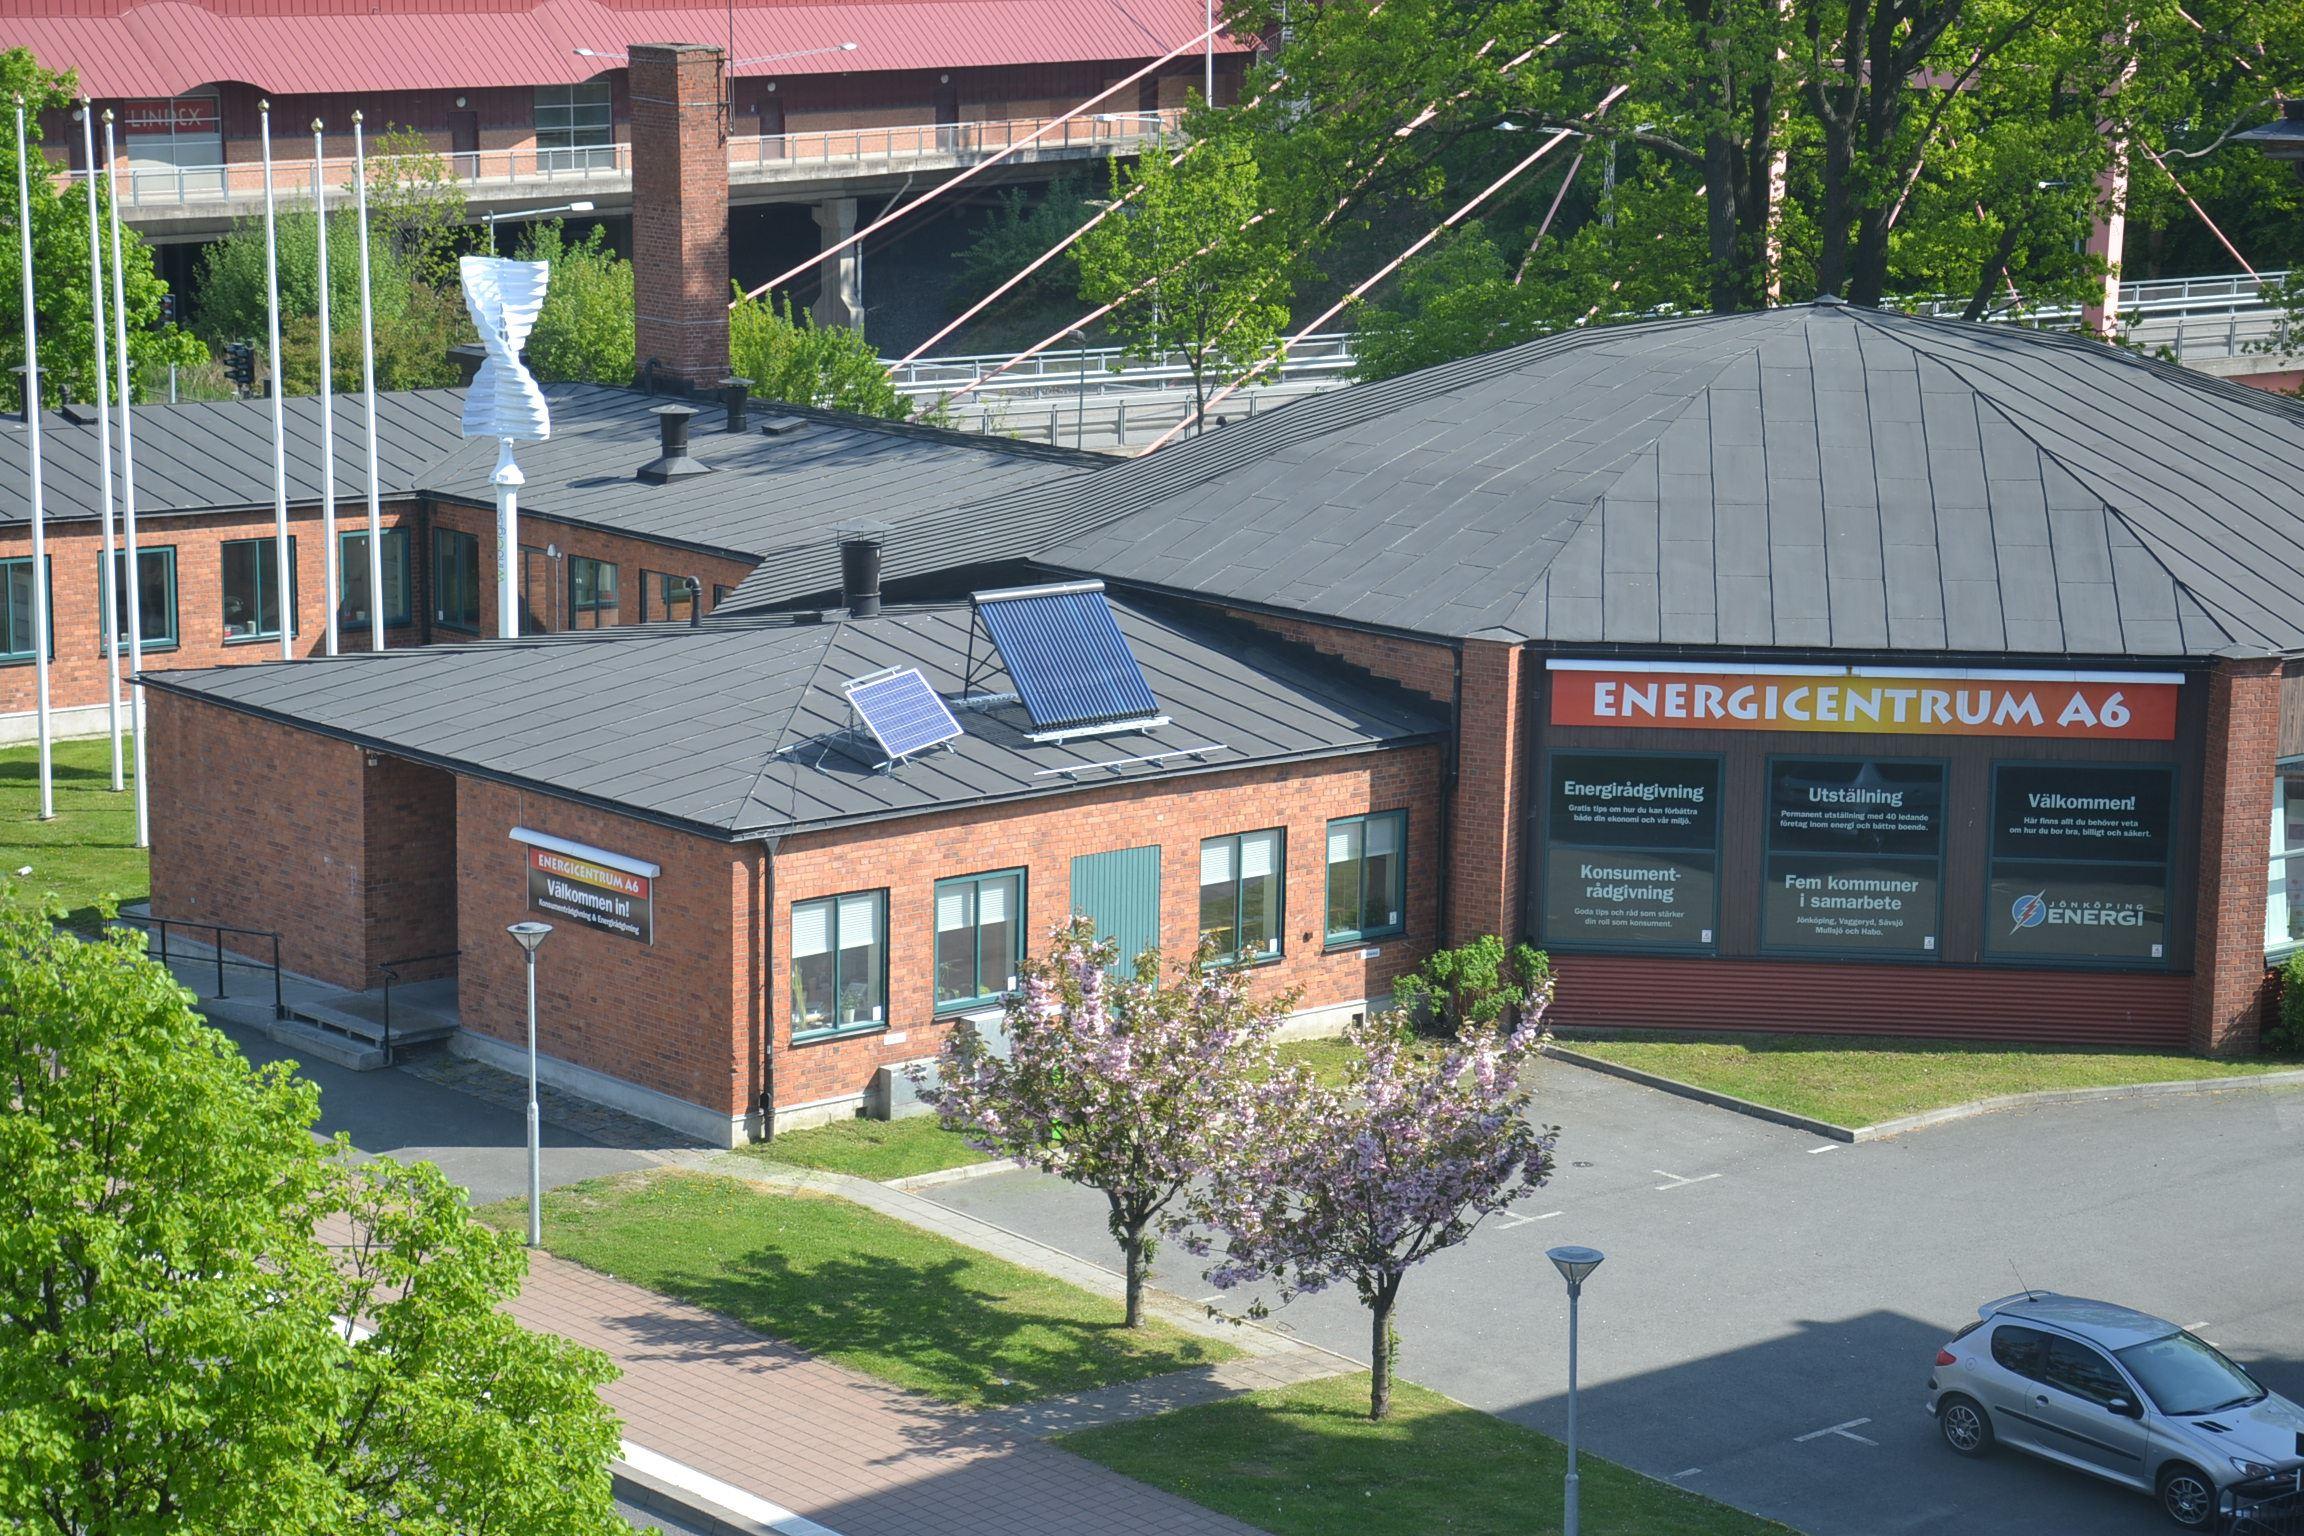 Energimässa på Energicentrum A6